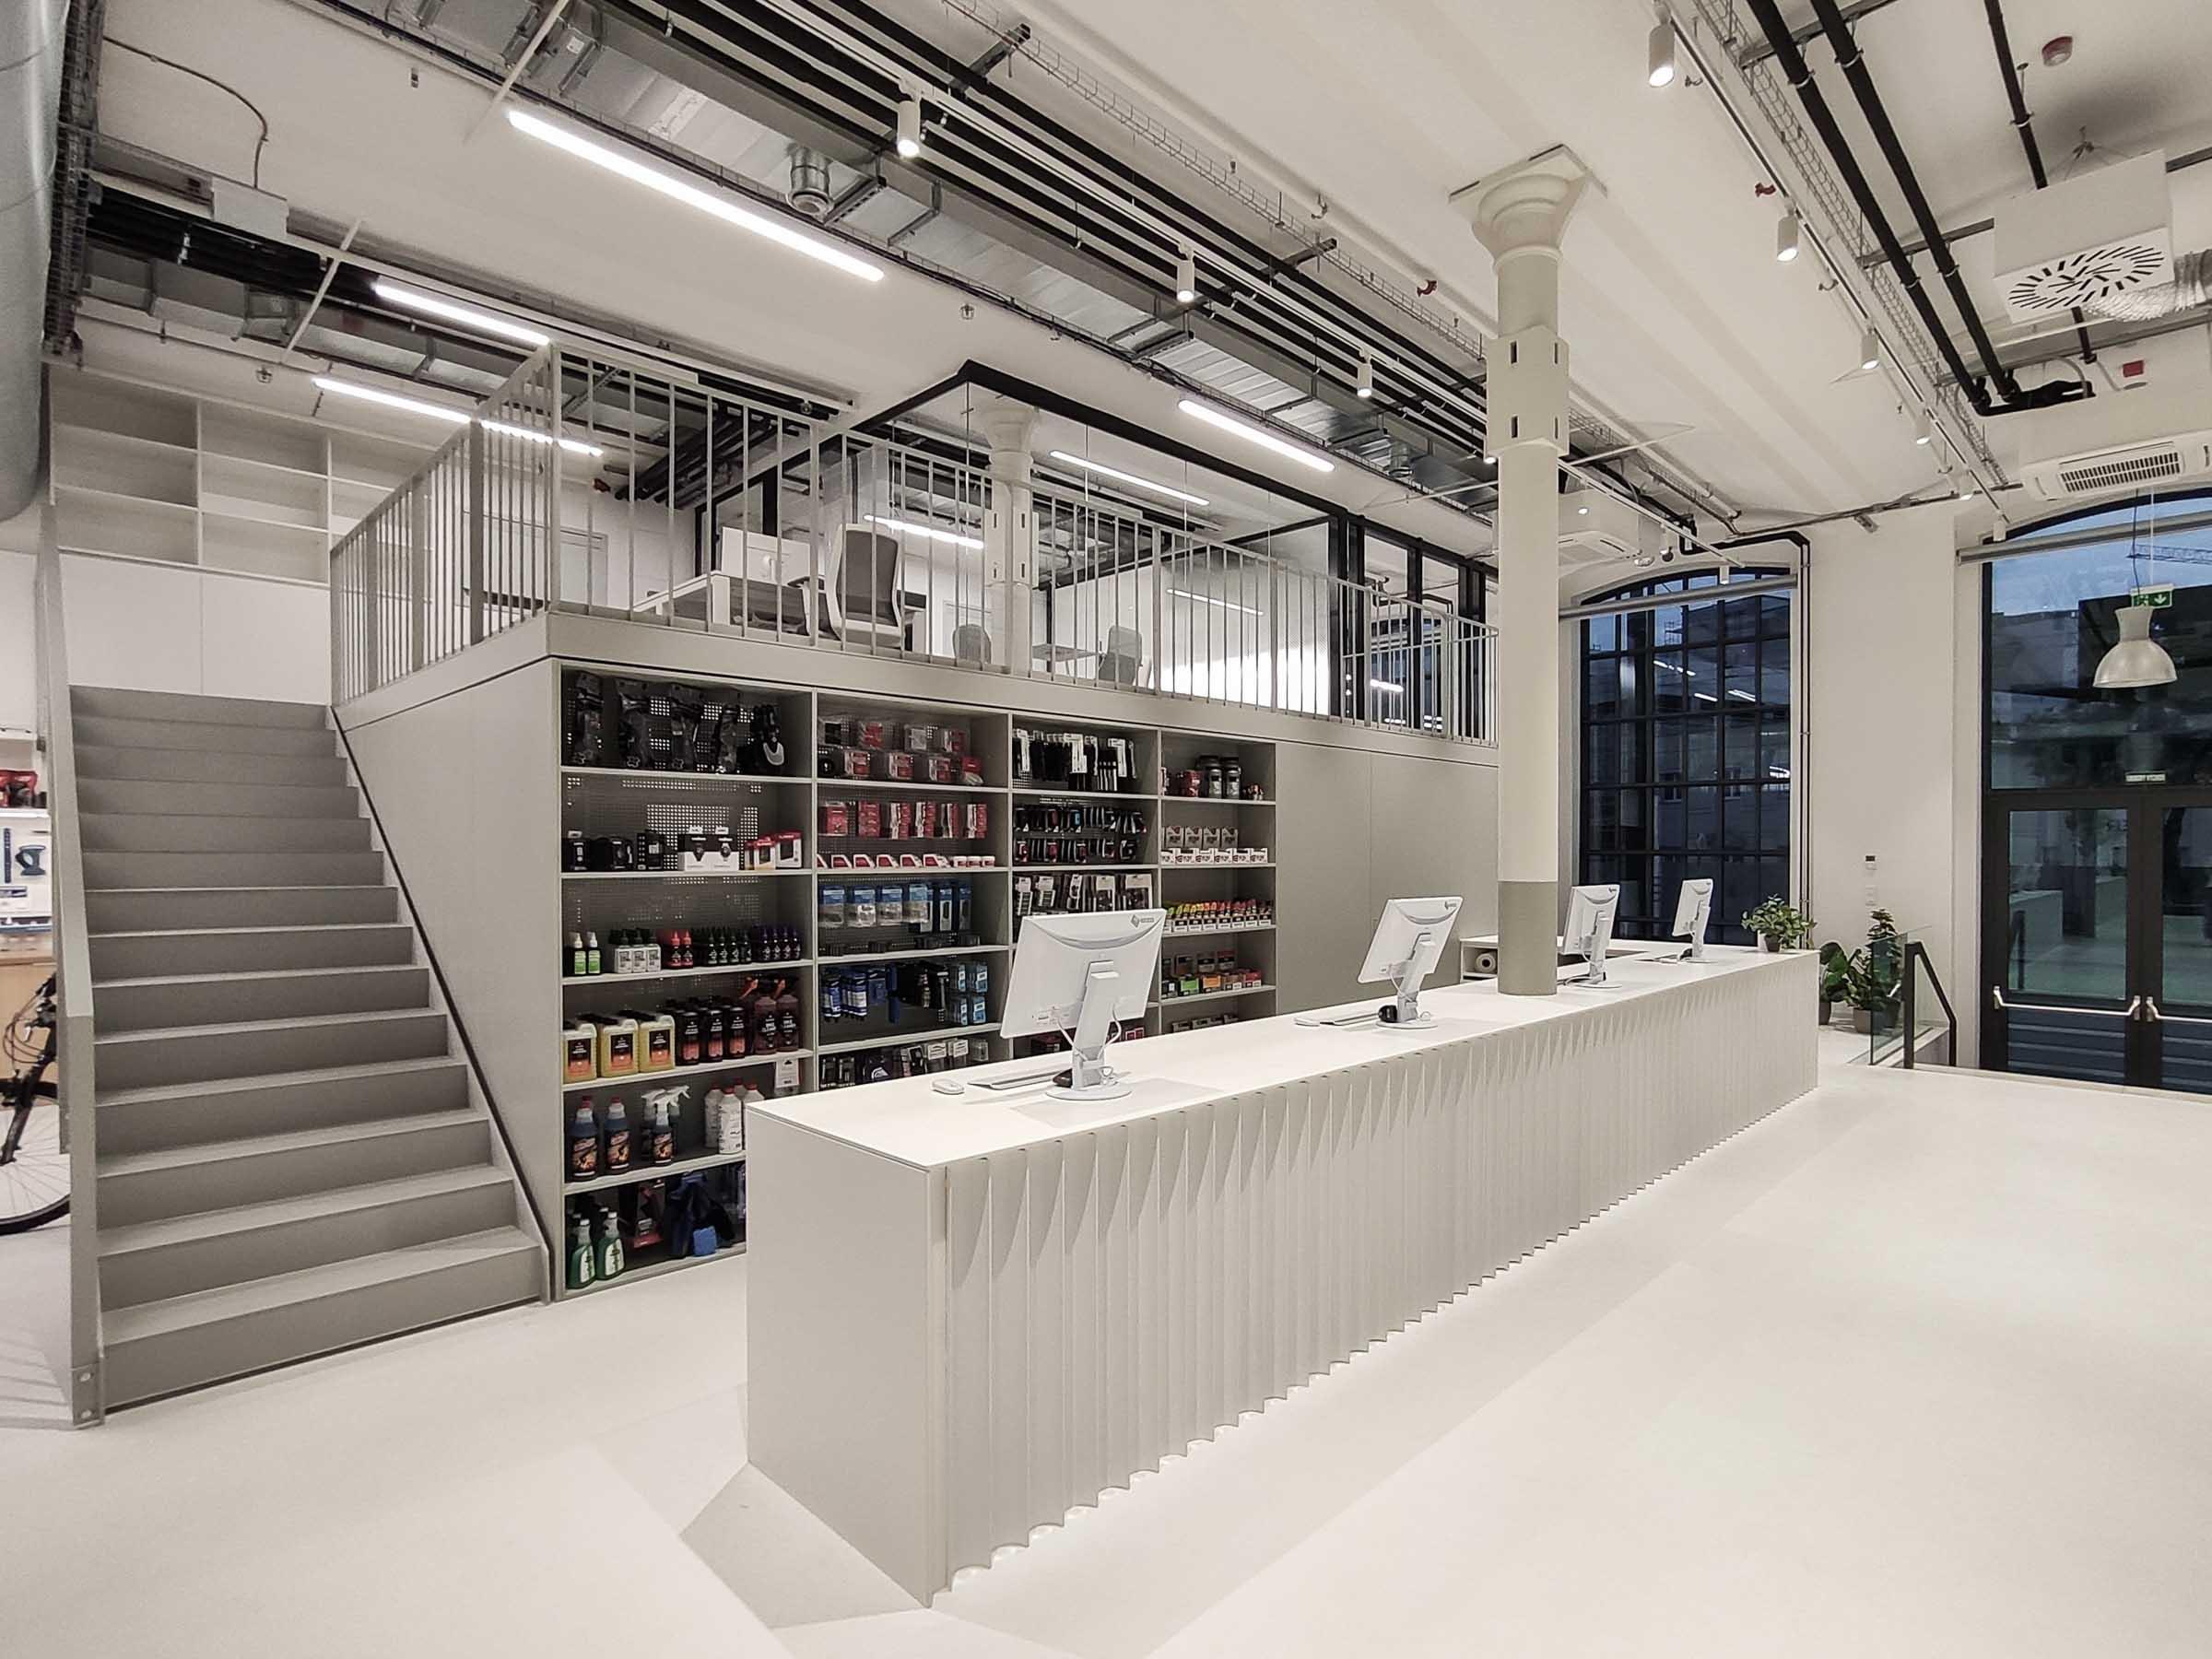 Showroom MTBIKER Bratislava, predajný pult, oceľová konštrukcia, VAUarchitects